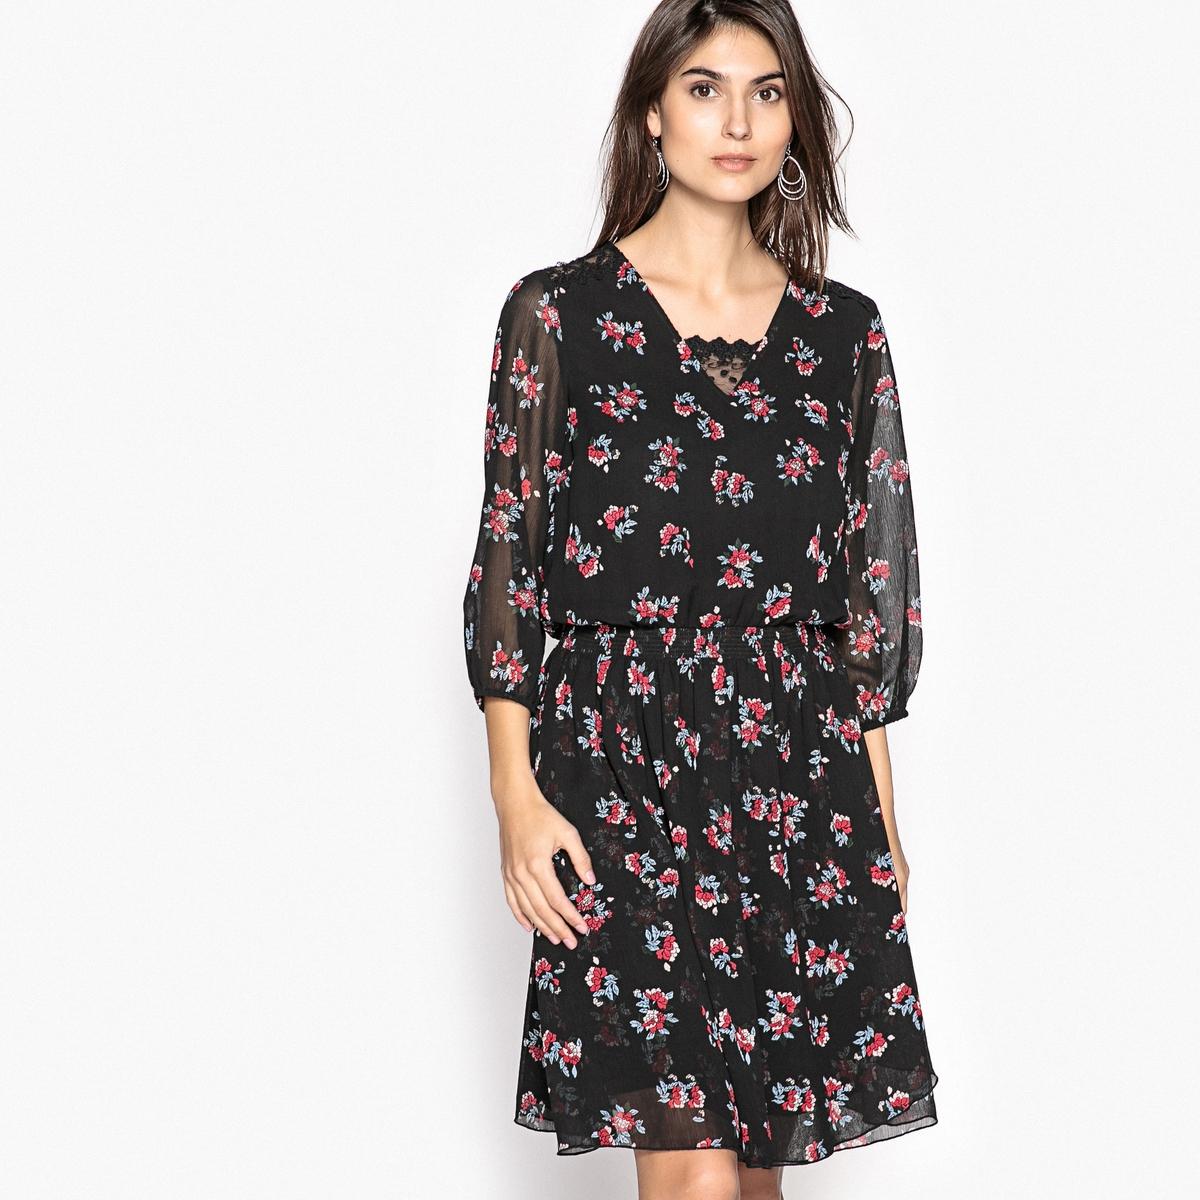 Платье расклешенное с рисунком из струящейся ткани платье из струящейся ткани 100% вискозы